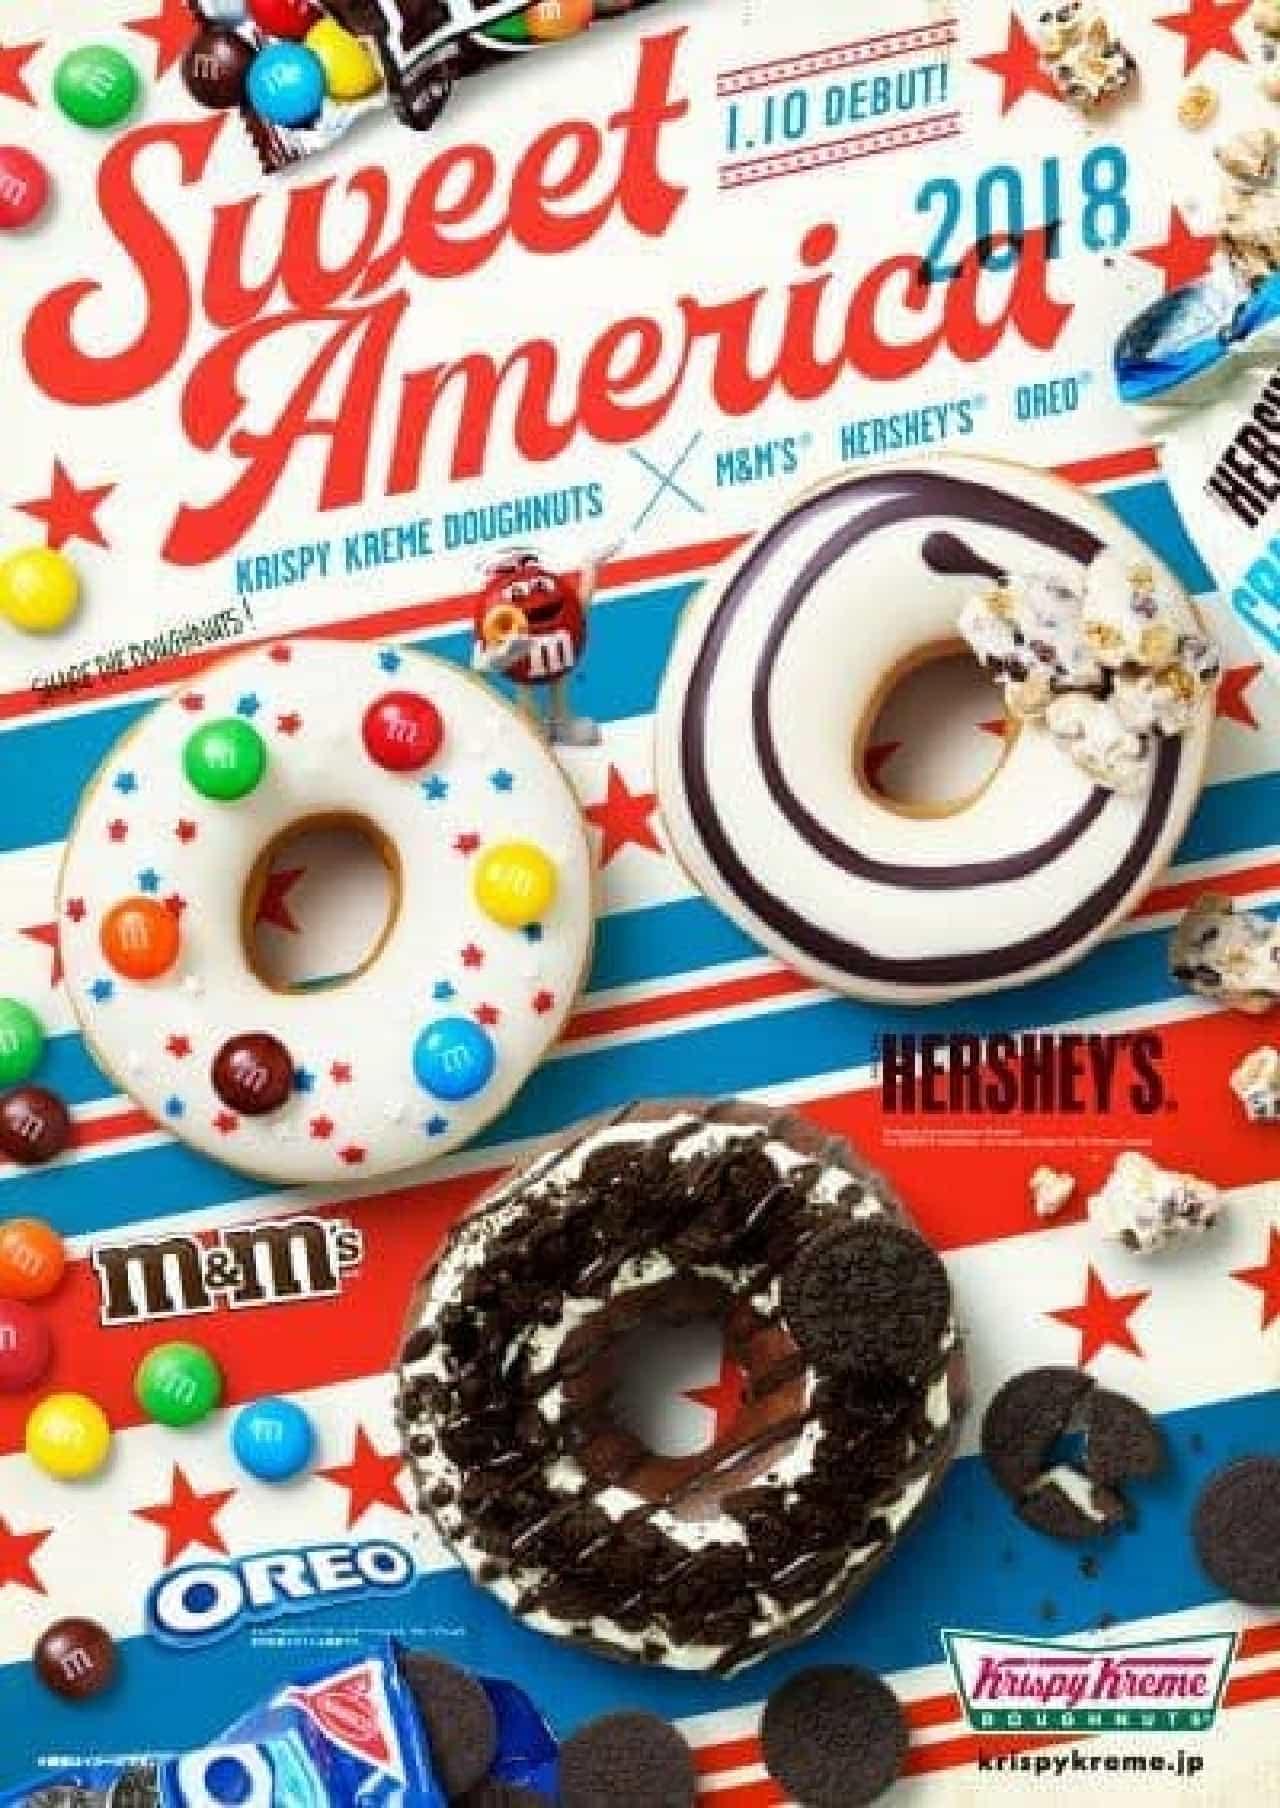 KKDとアメリカンスイーツのコラボドーナツは、「HERSHEY'S」、「M&M'S」、「OREO」とコラボしたドーナツ